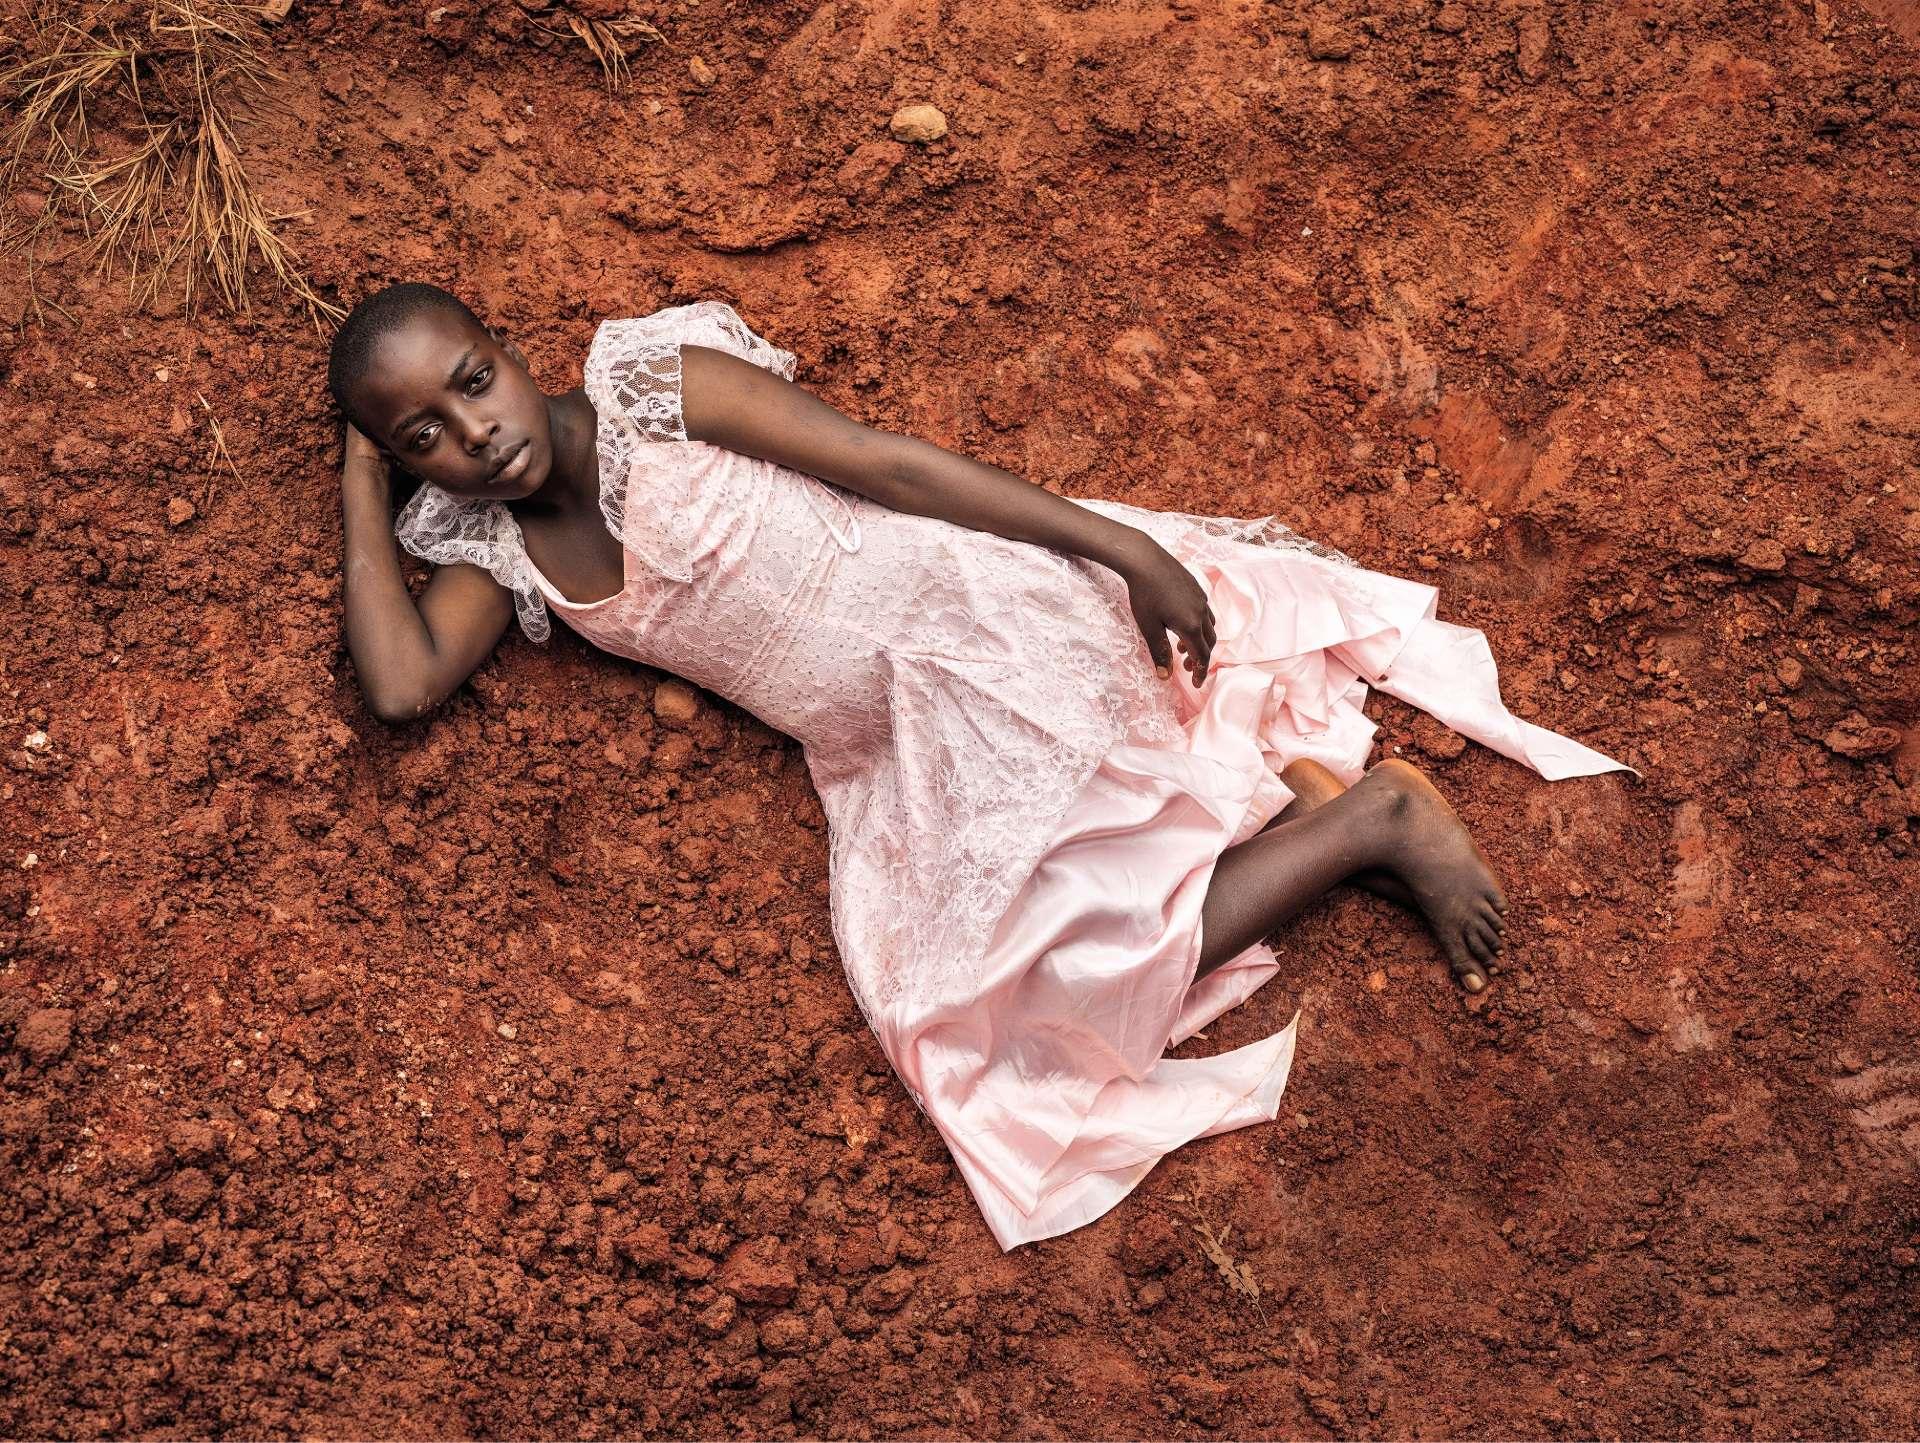 1994 est l'année du génocide au Rwanda et celle de la fin de l'apartheid en Afrique du Sud. La barbarie et l'espoir. Une année charnière qui, dans les deux pays, signe la fin d'un monde, et hante «1994 », la série du photographe sud-africain Pieter Hugo. Portrait #12, Rwanda, 2015.